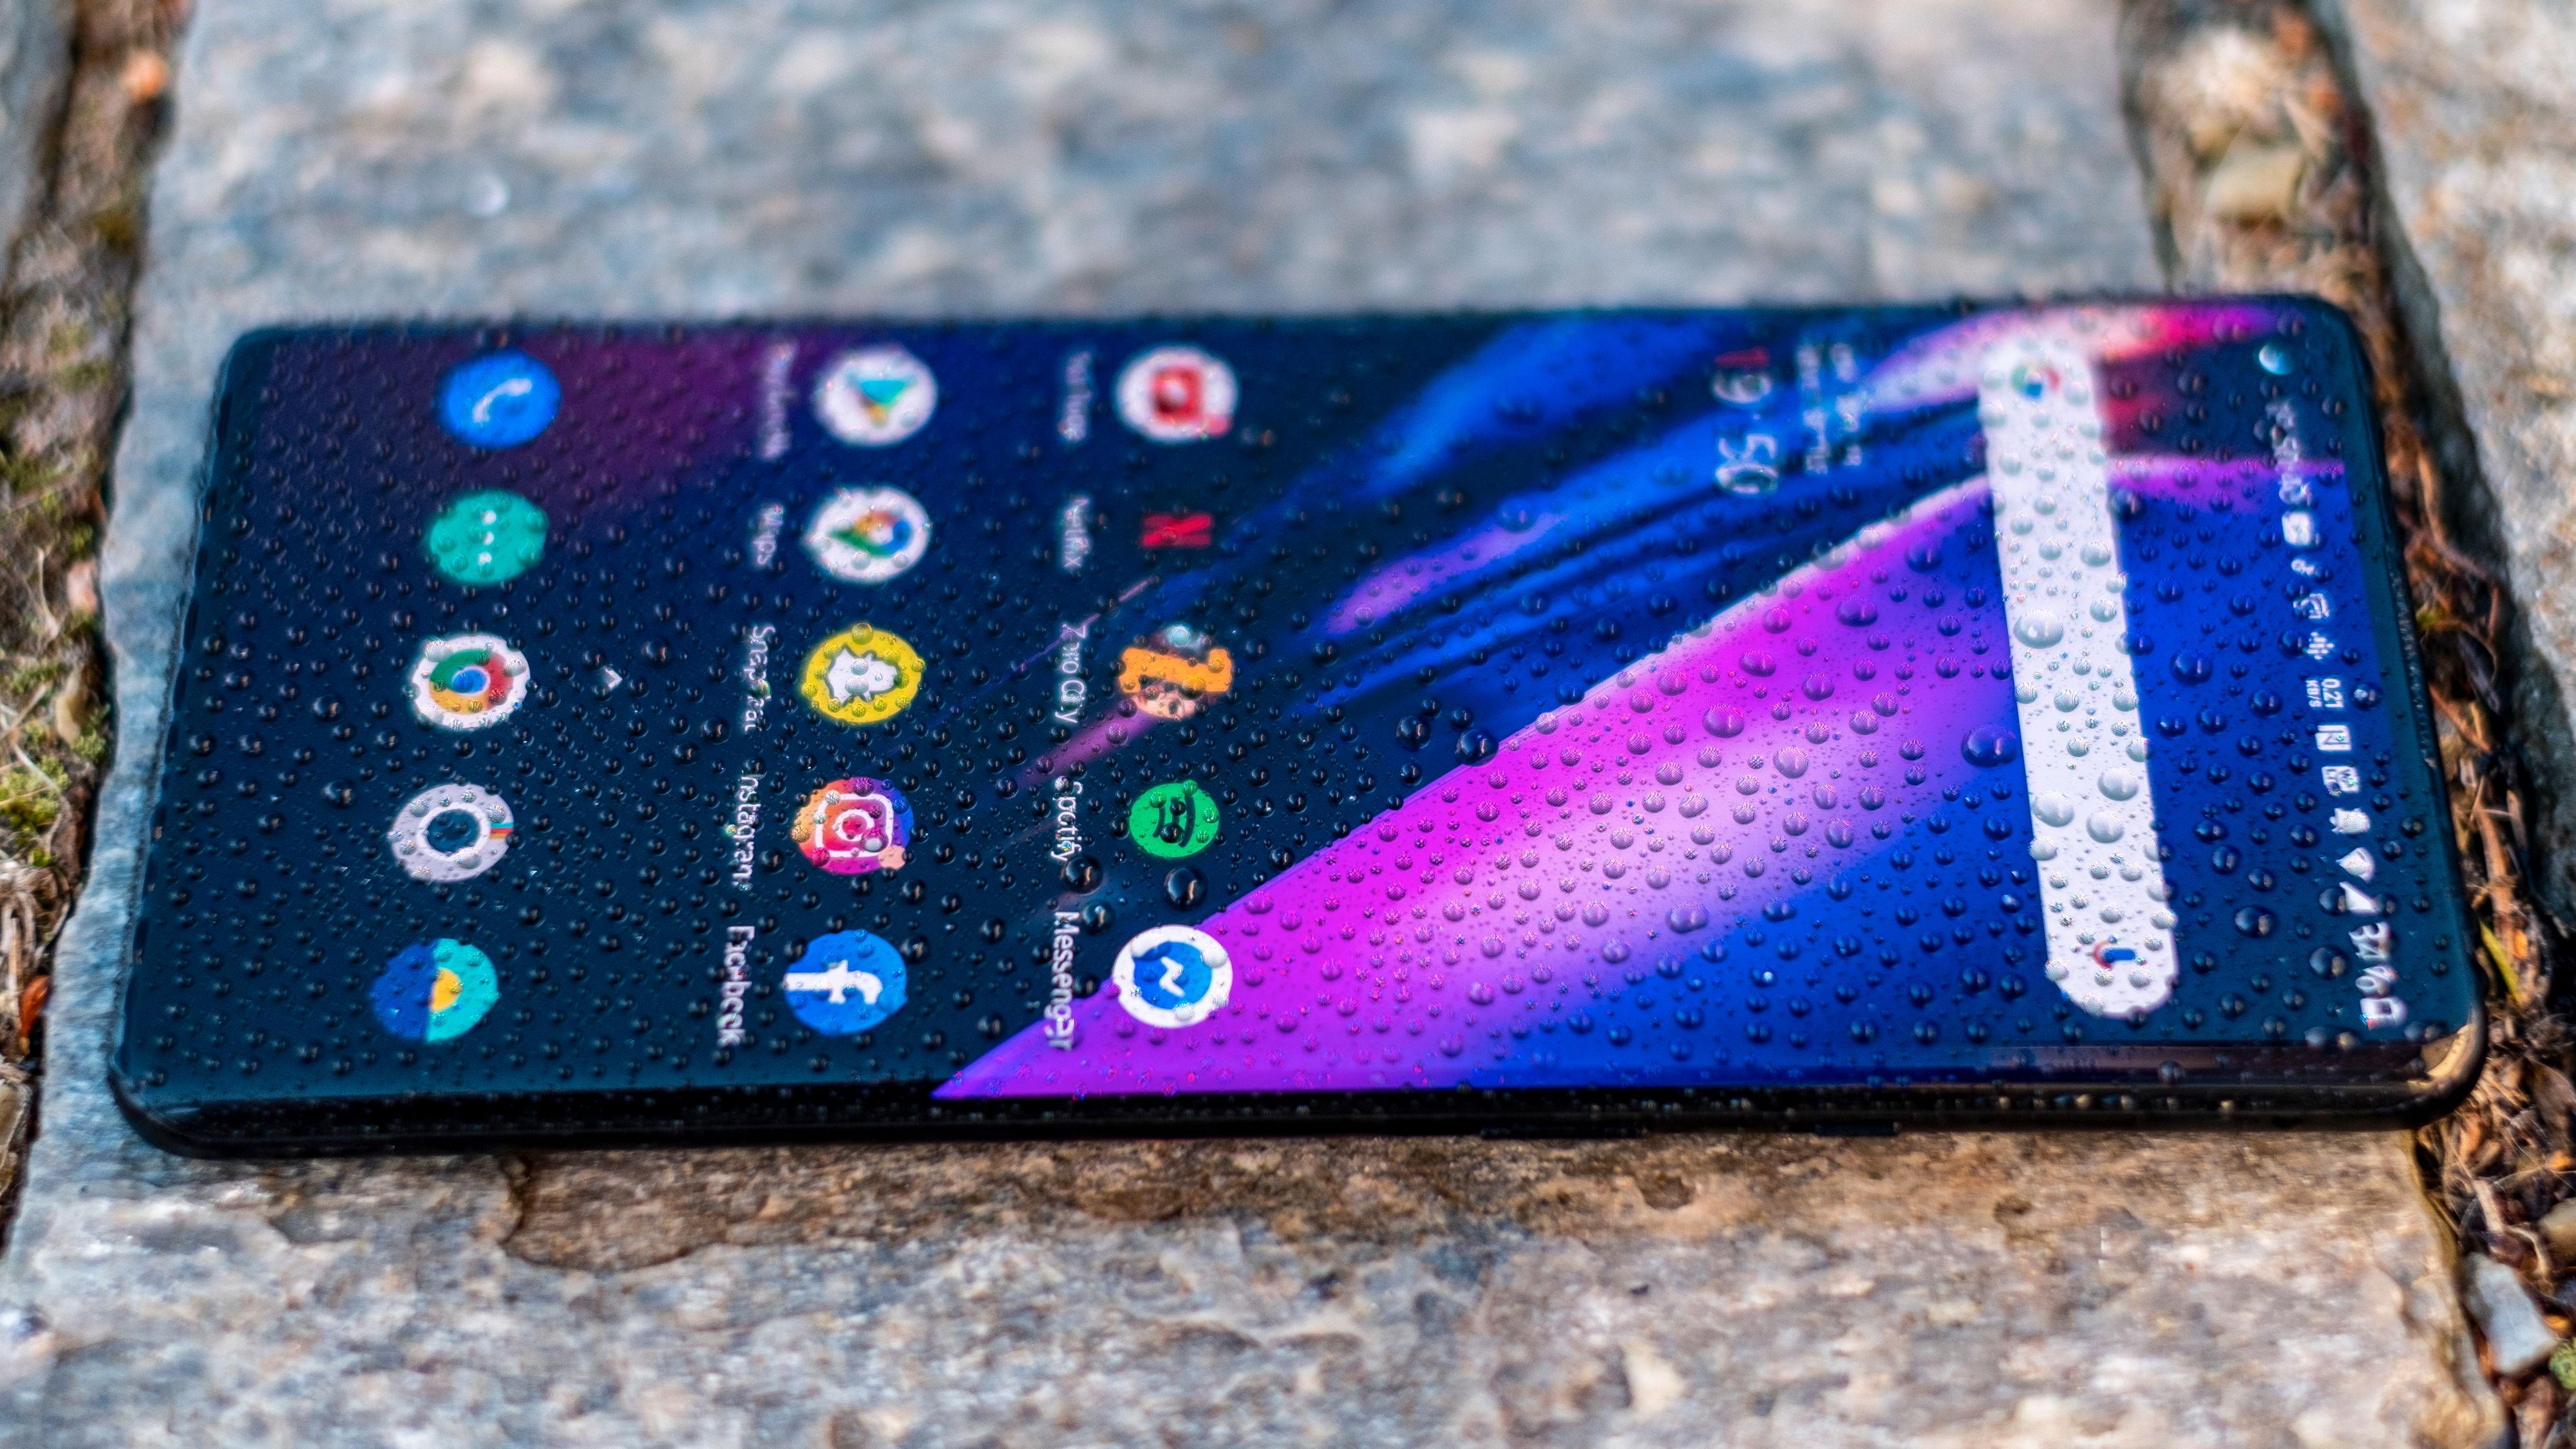 I 8-serien har OnePlus-mobilene blitt kjedeligere, men de har unektelig også blitt bedre. Dette er årets eneste flaggskip som holder alt det lover.